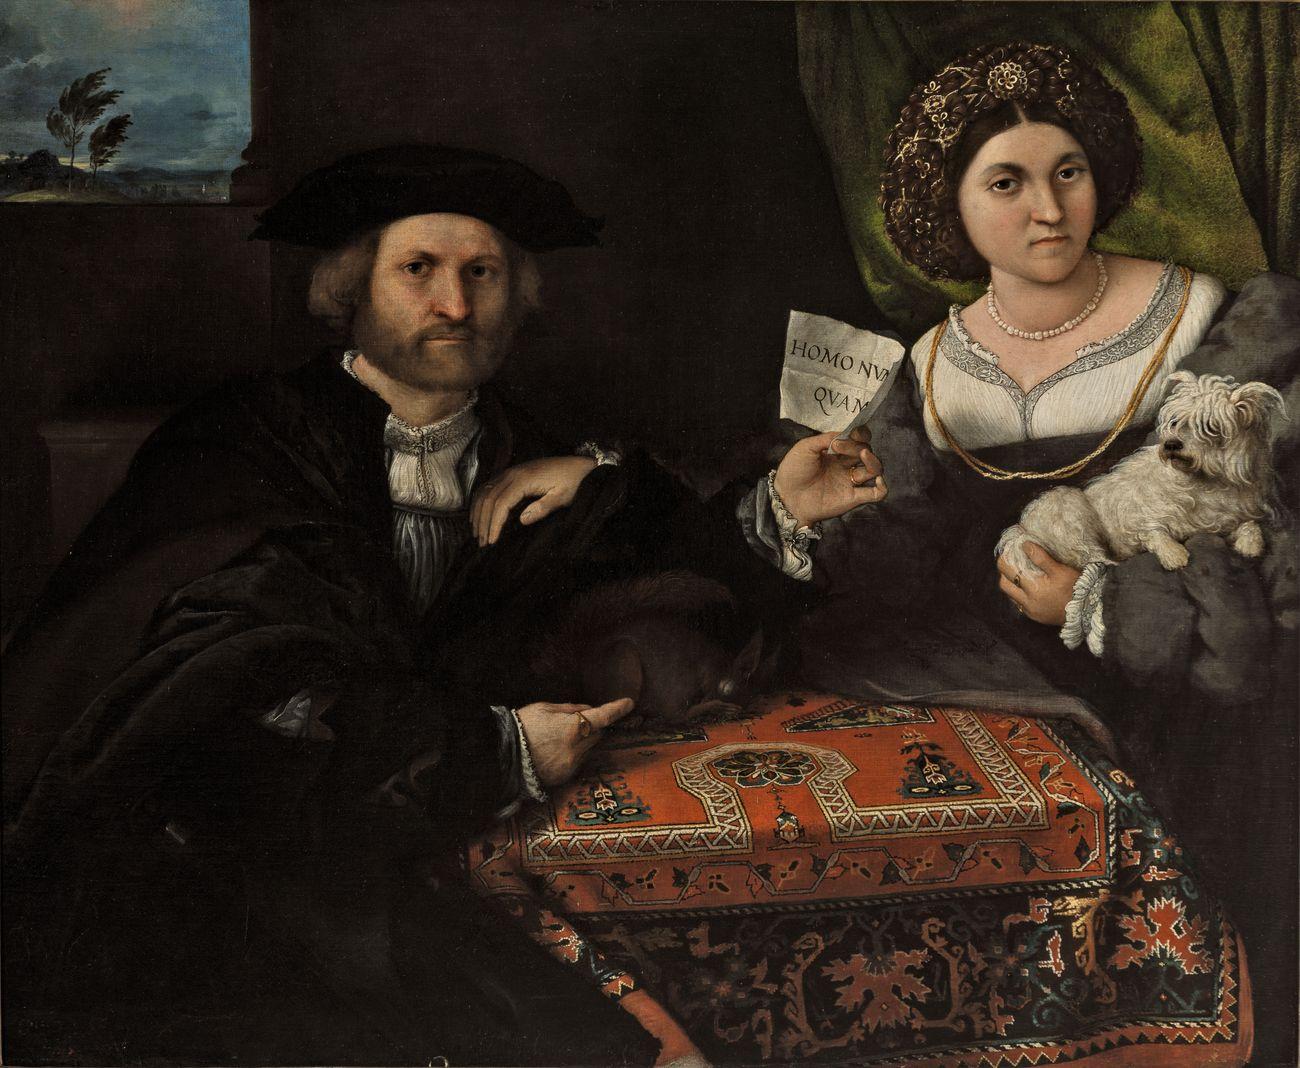 Lorenzo-Lotto-Ritratto-di-matrimonio-1523.-Bergamo-Accademia-Carrar-.jpg